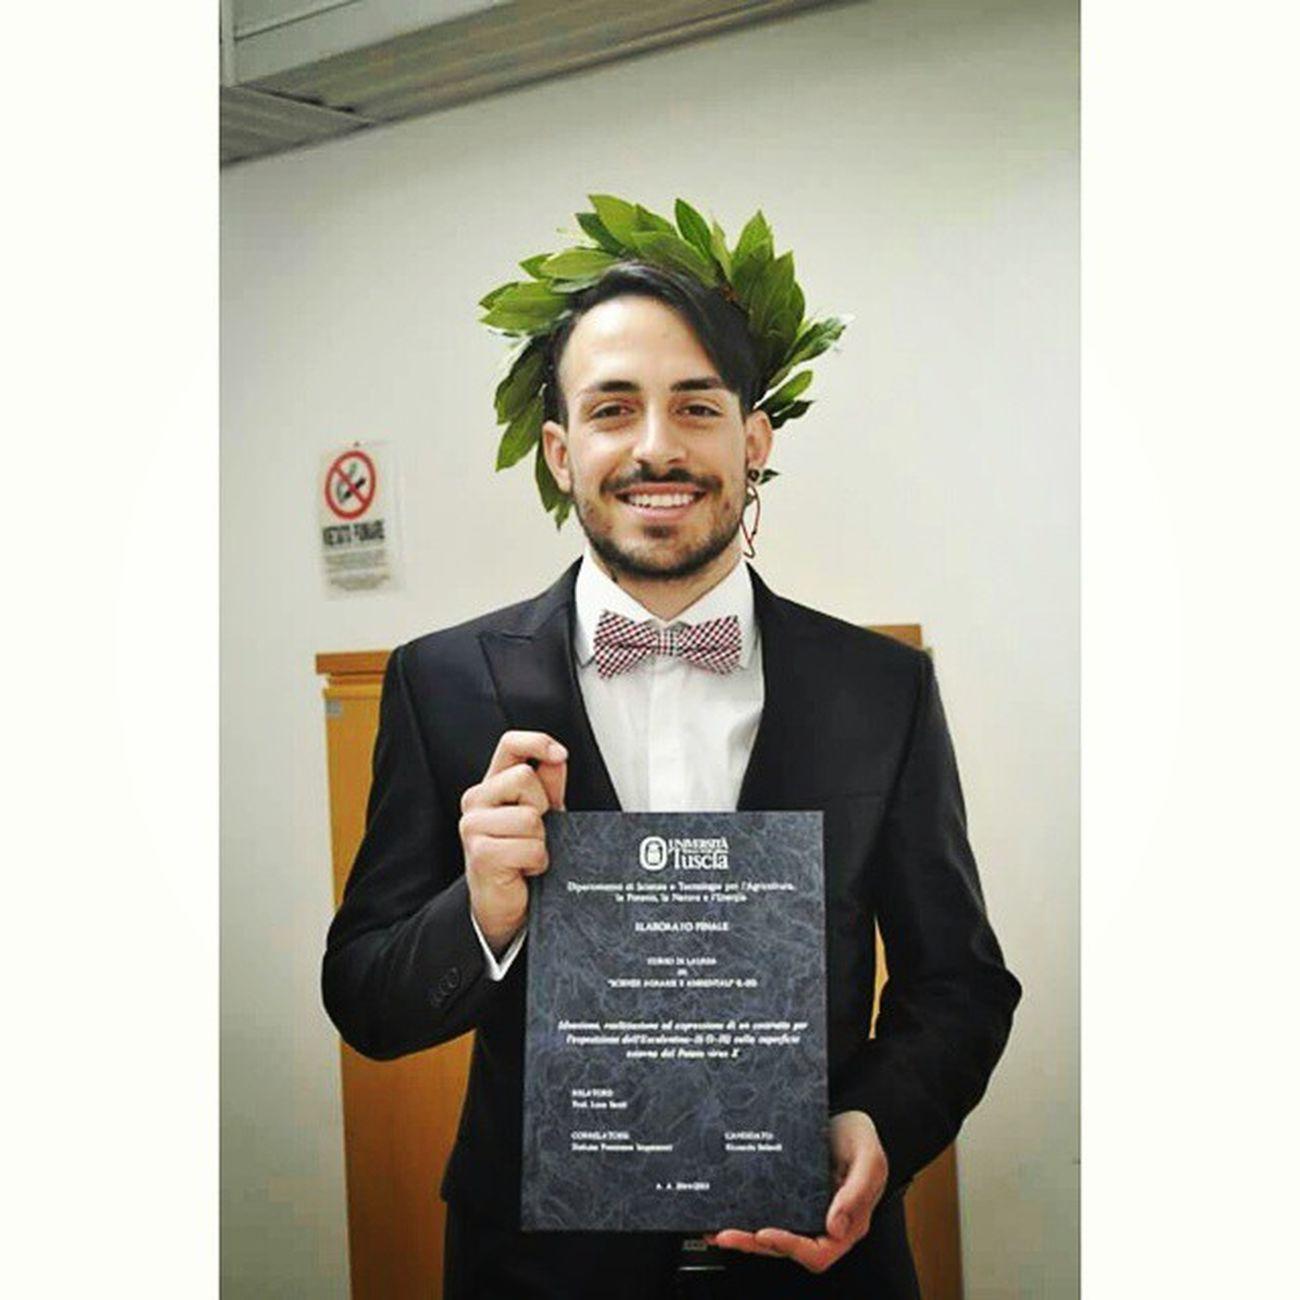 Agronomist, with honors Laurea Graduation Dottore 110elode Lodè Honors Ideazione Realizzazione ed Espressione di un Costrutto per l'Esposizione dell'Esculentina -1b (1-18) sulla Superfície Esterna del PVX